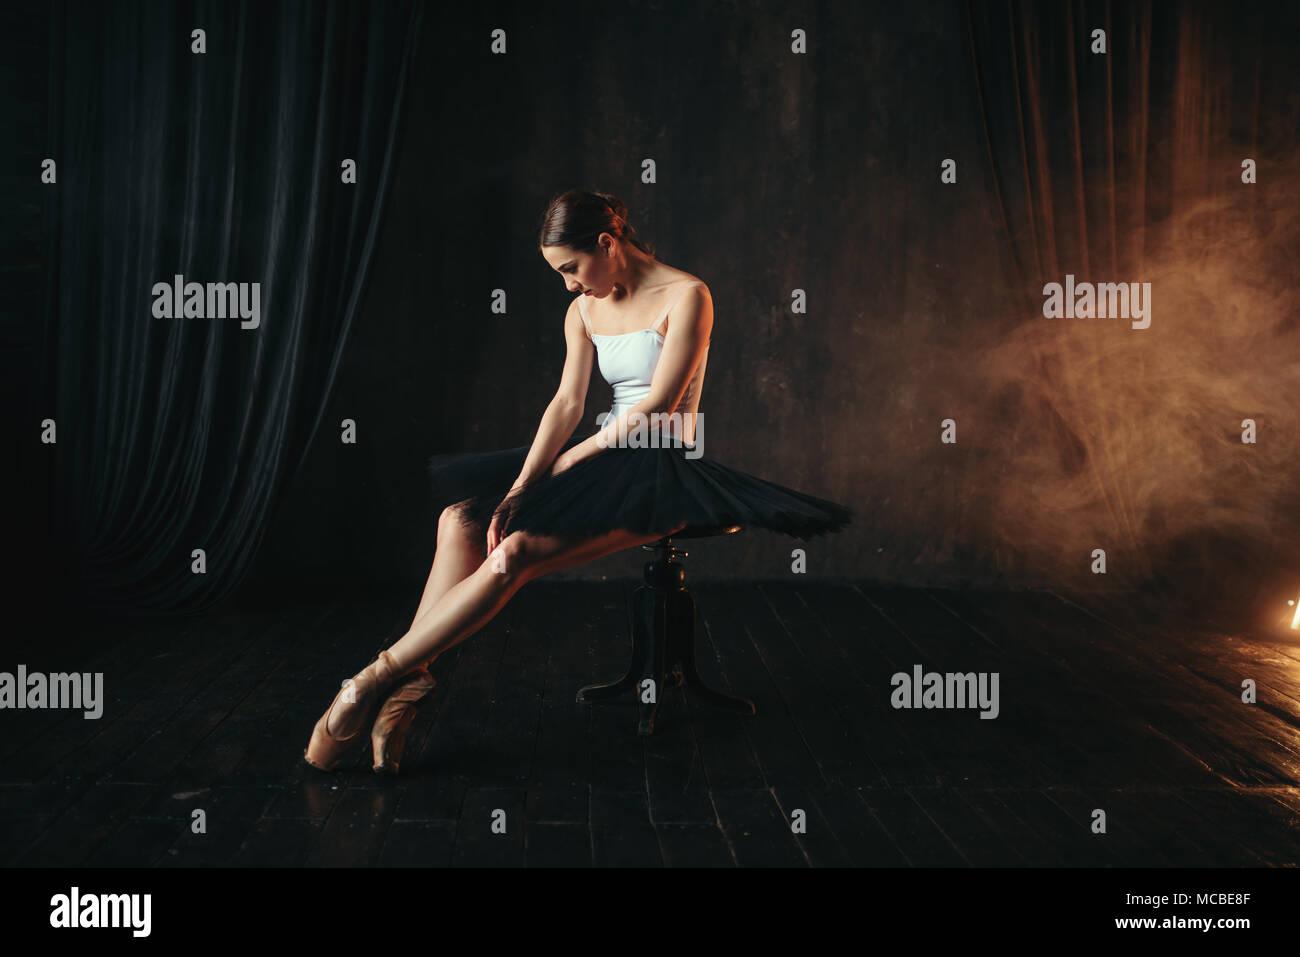 Bailarina de ballet sentados sobre banquetas negro Imagen De Stock